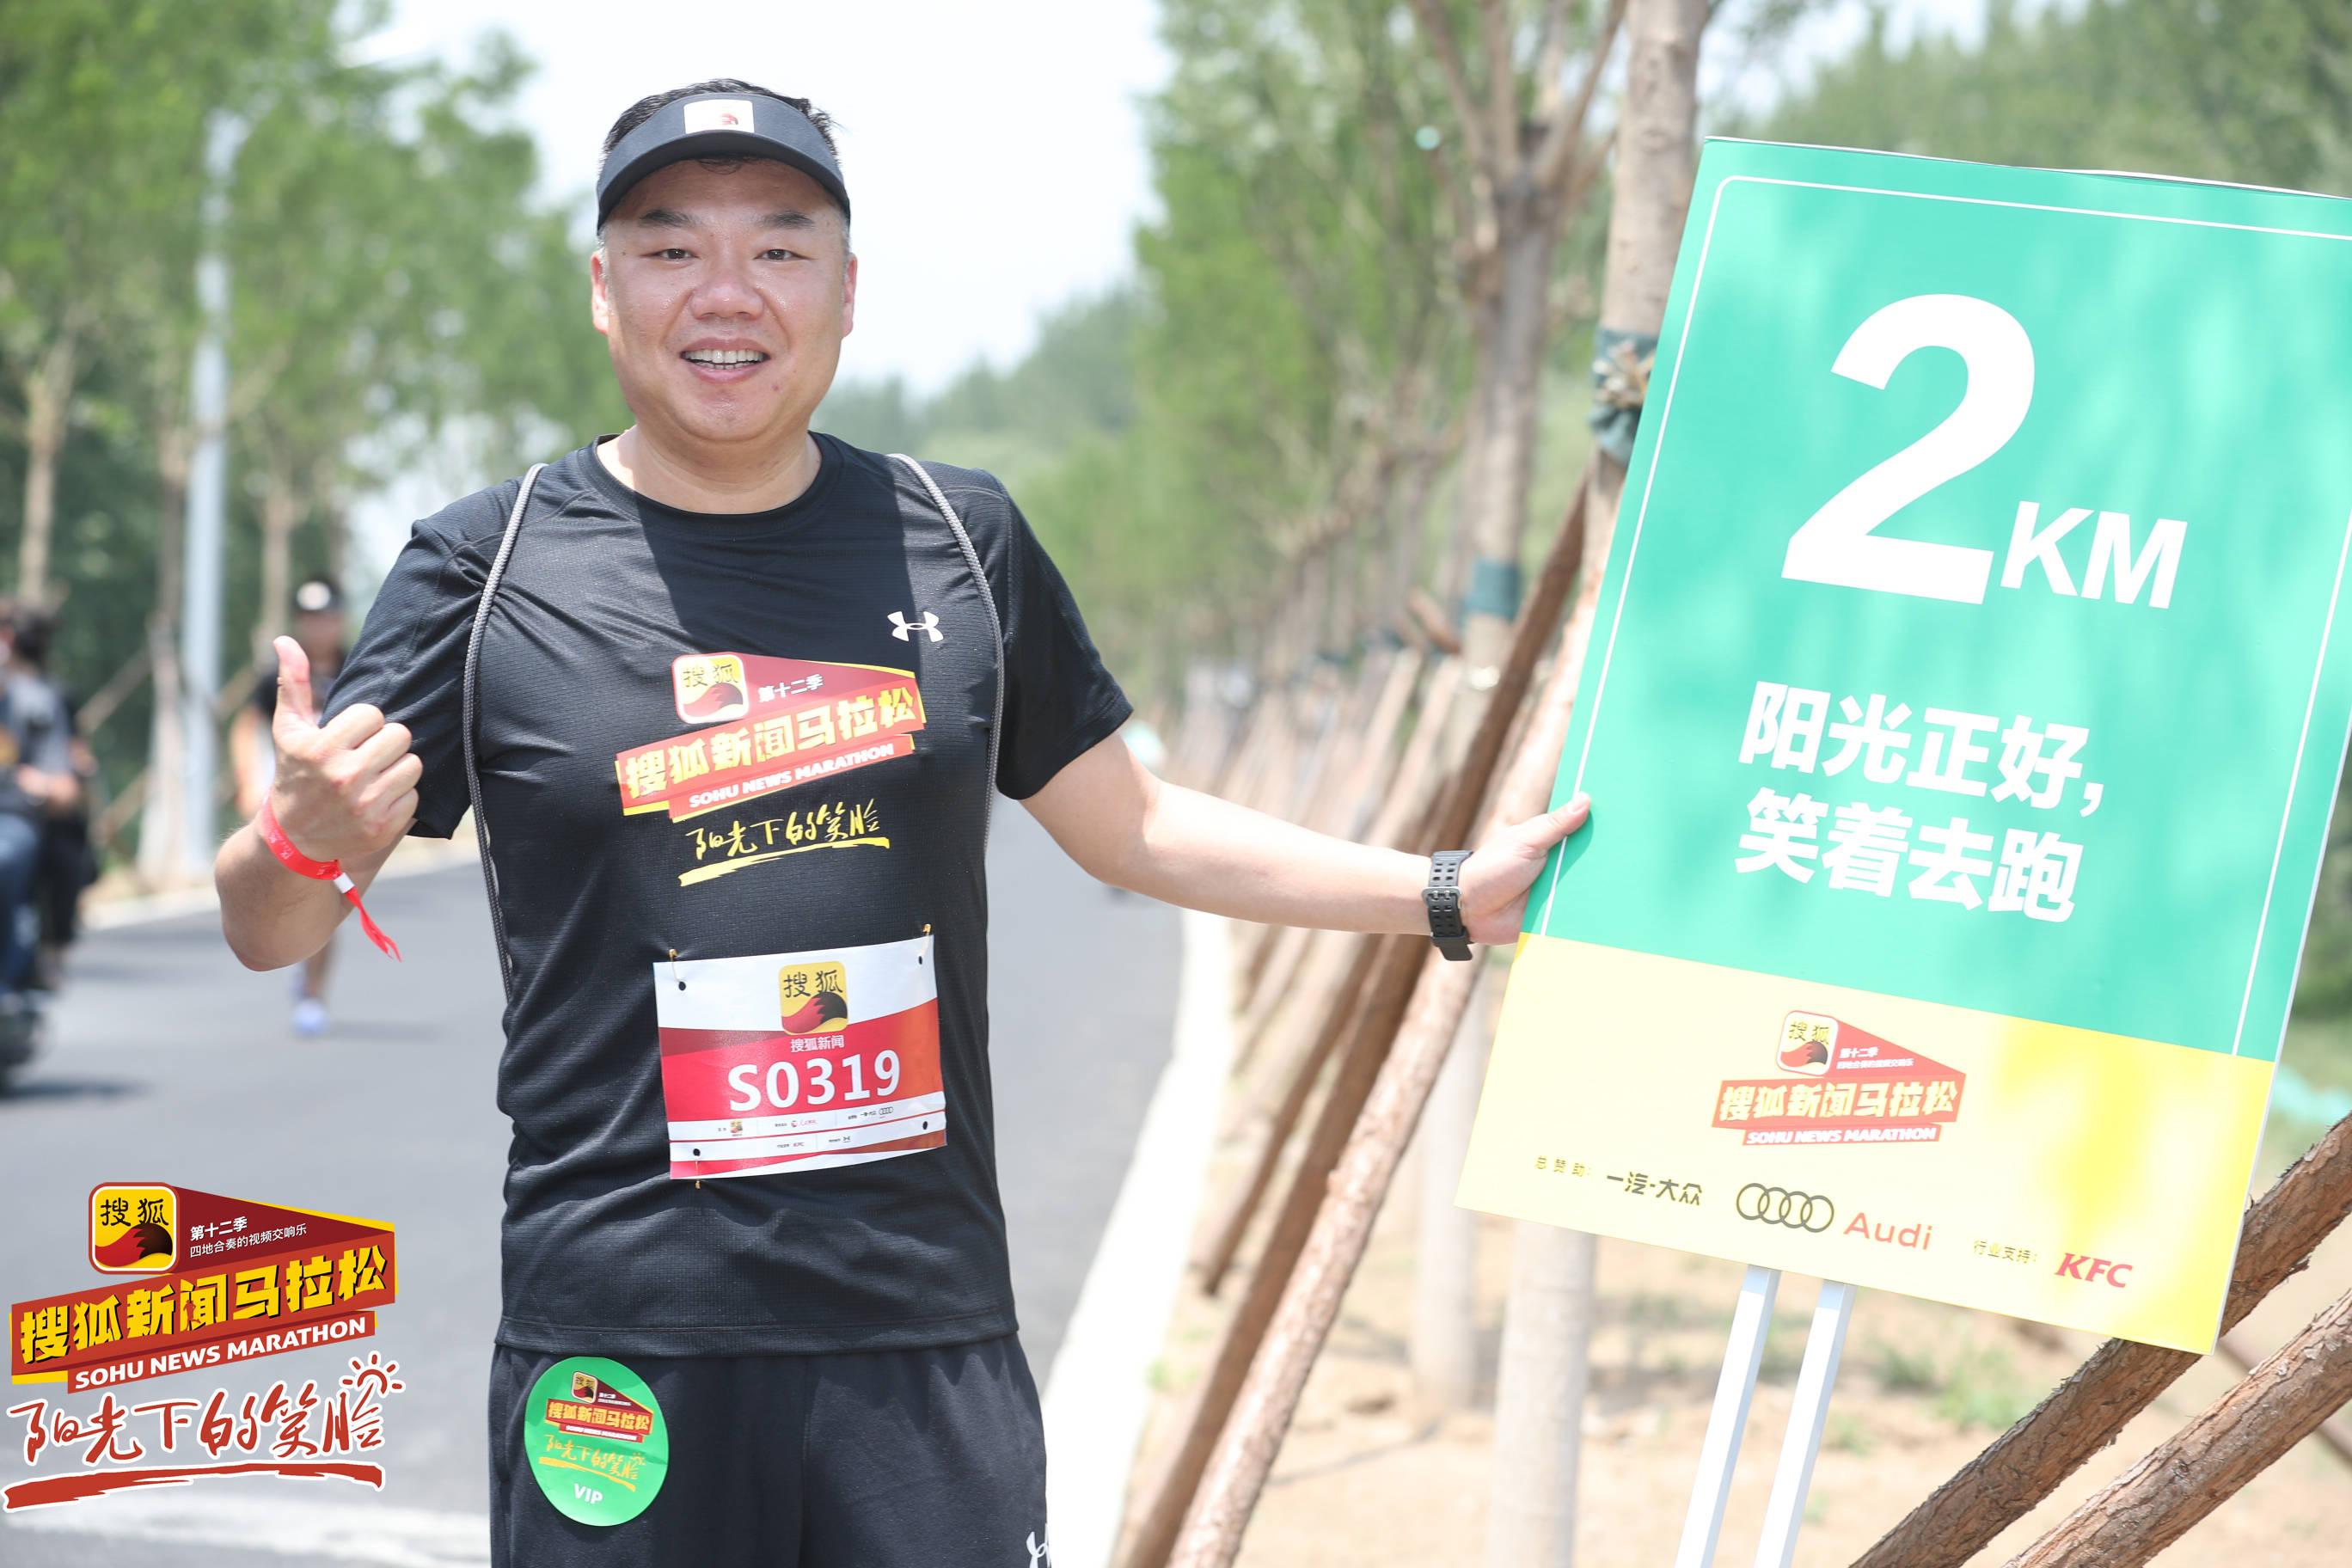 姜超带腿伤跑完五公里 发表感言:我觉得我挺成功的